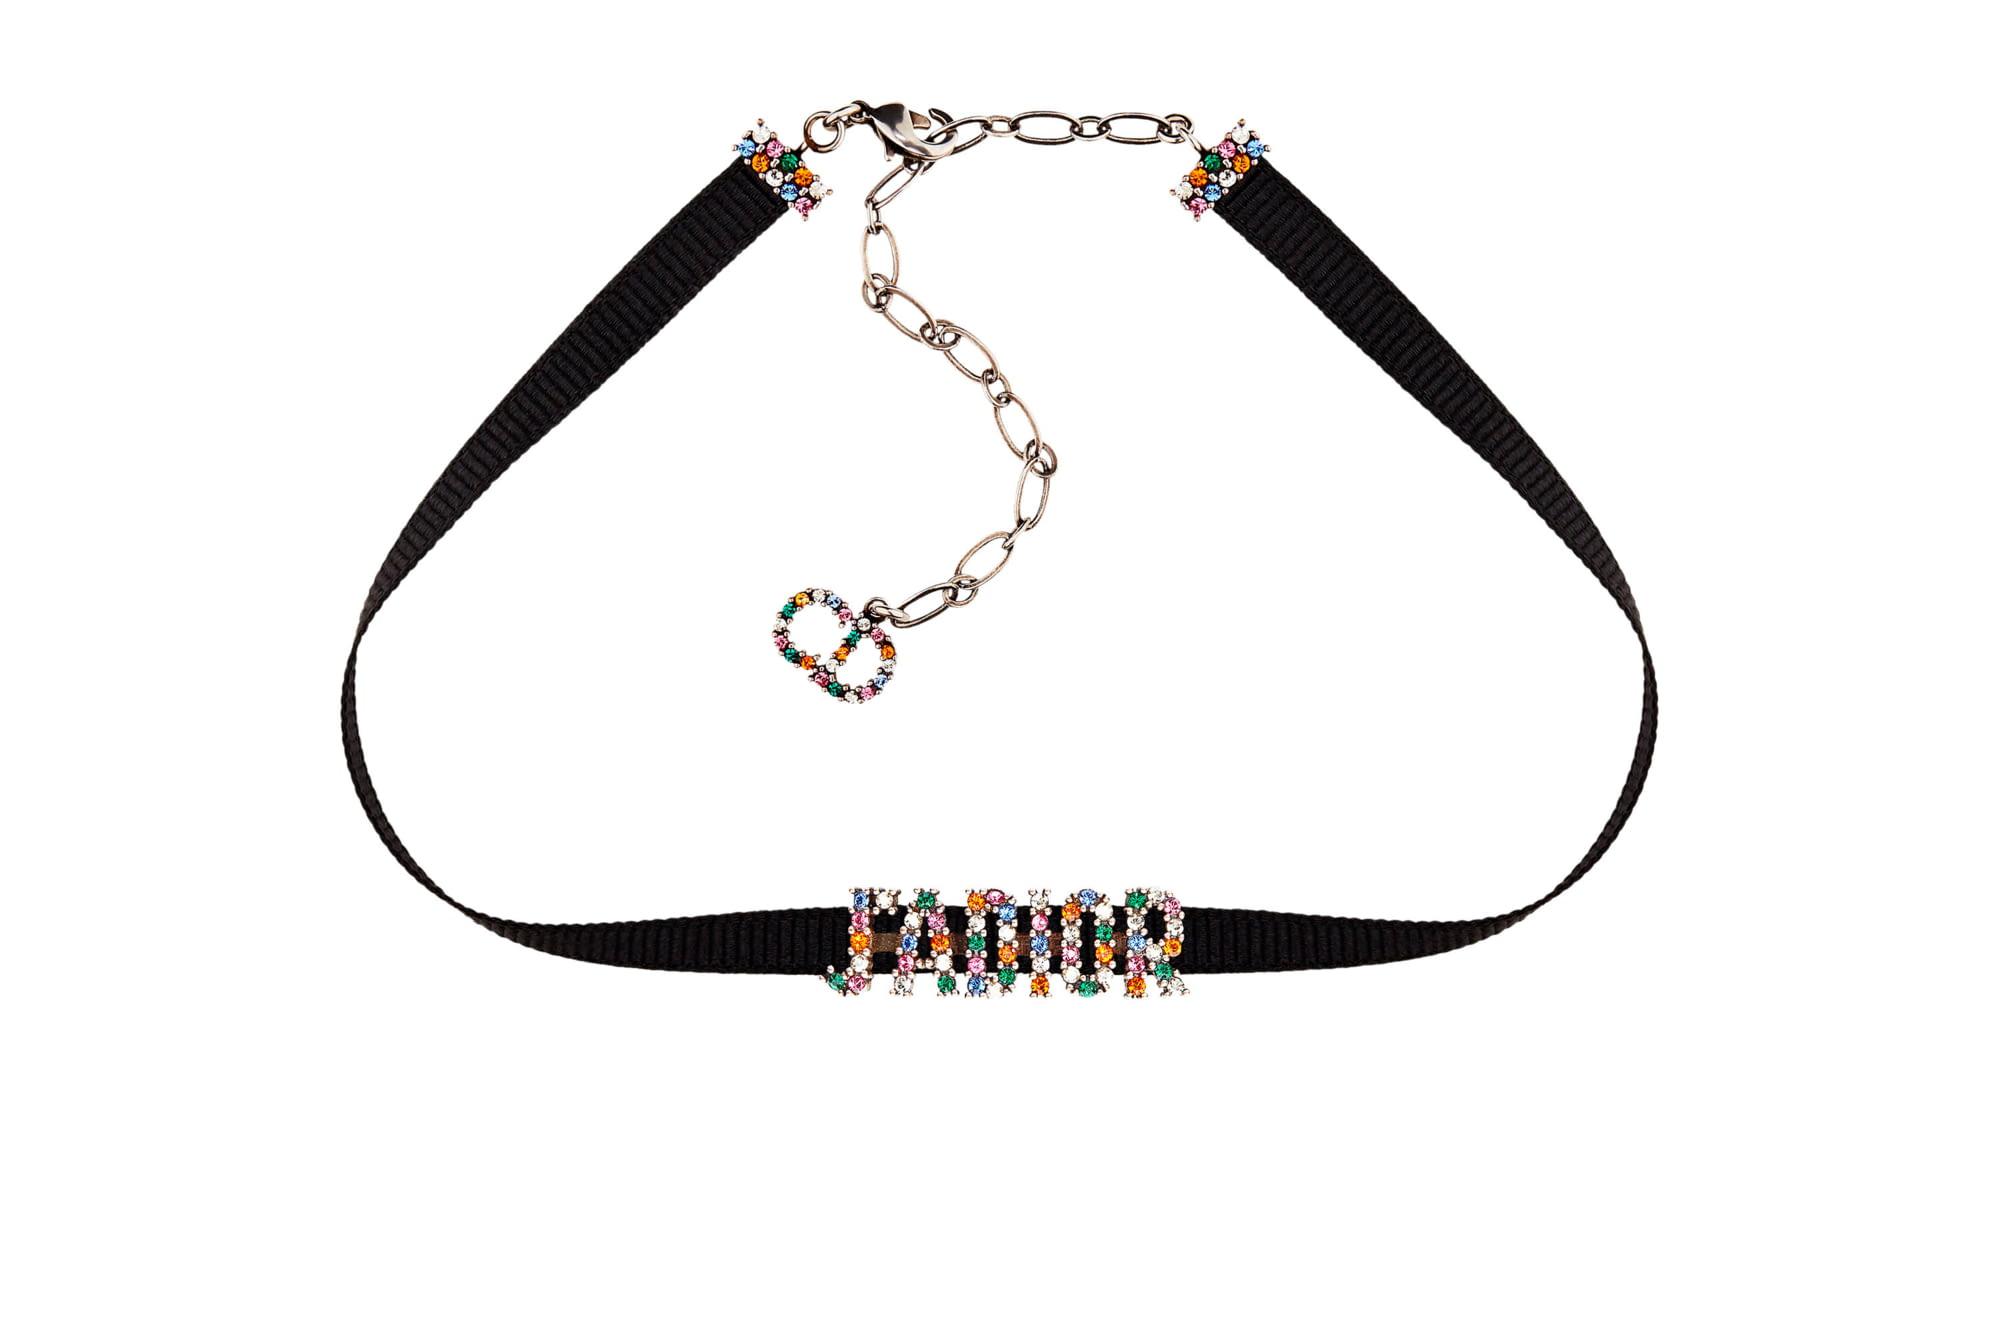 Bandeau Set écolier Bracelets éponge Tennis Bracelet Sweat Bands